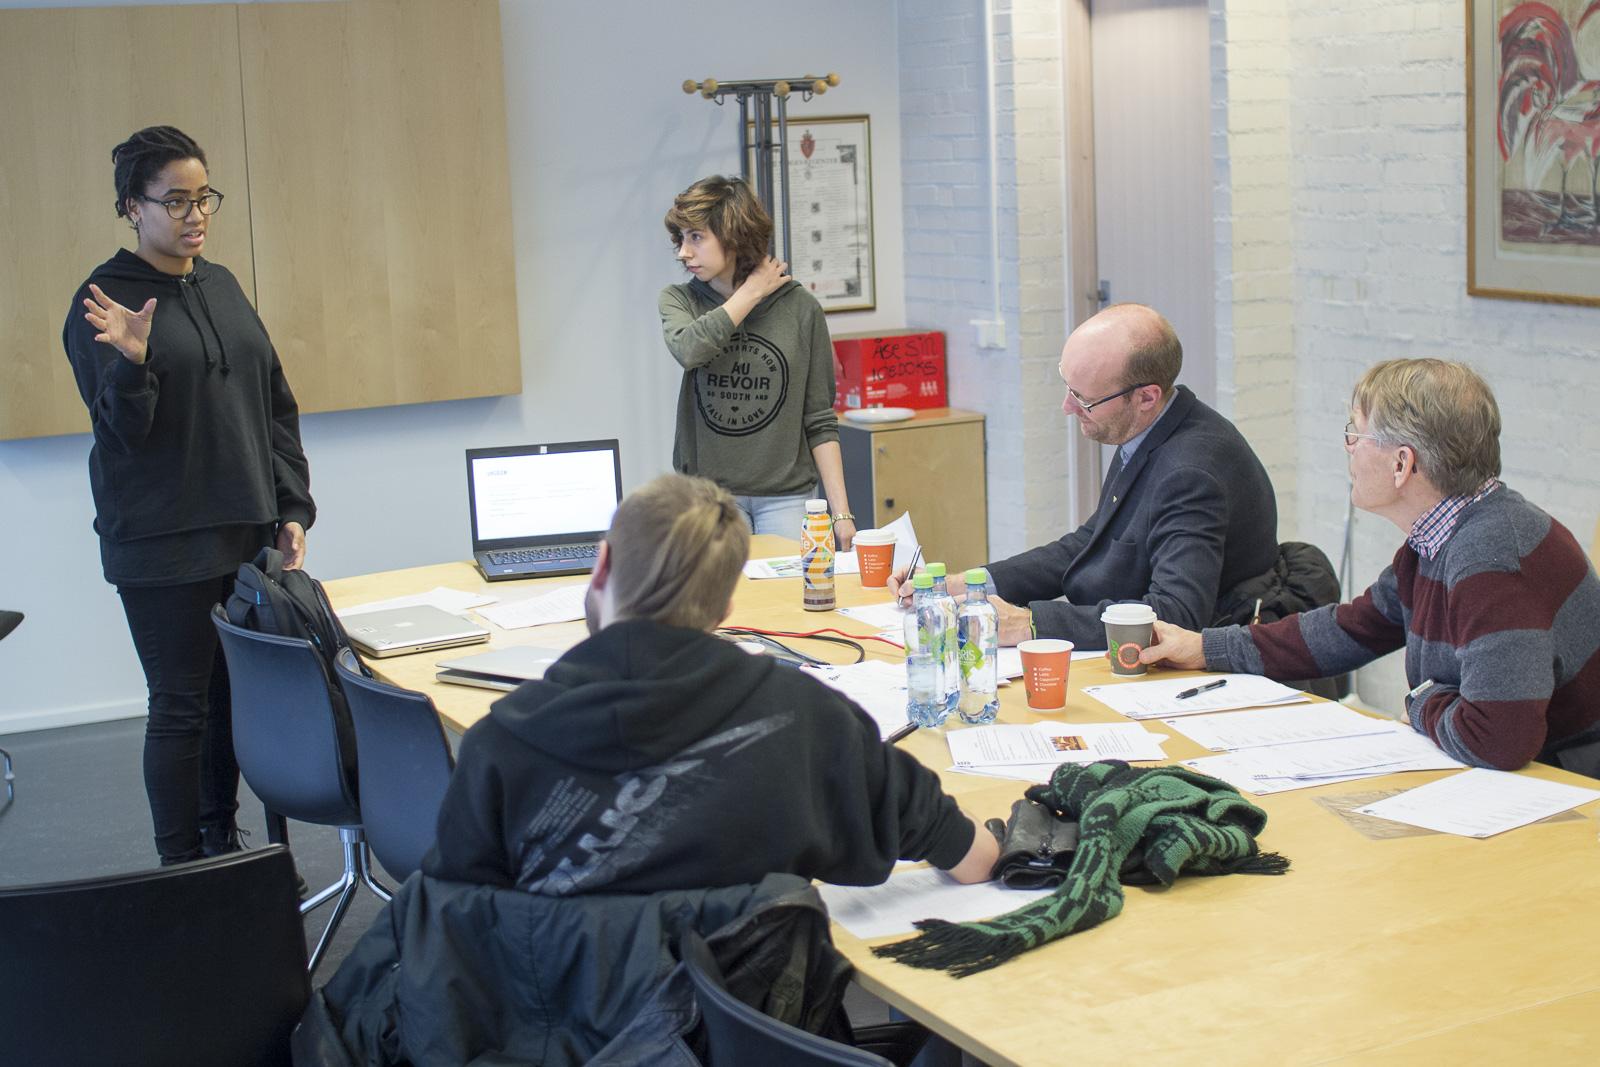 Medier og kommunikasjon ved Sørumsand vgs, åpen dag